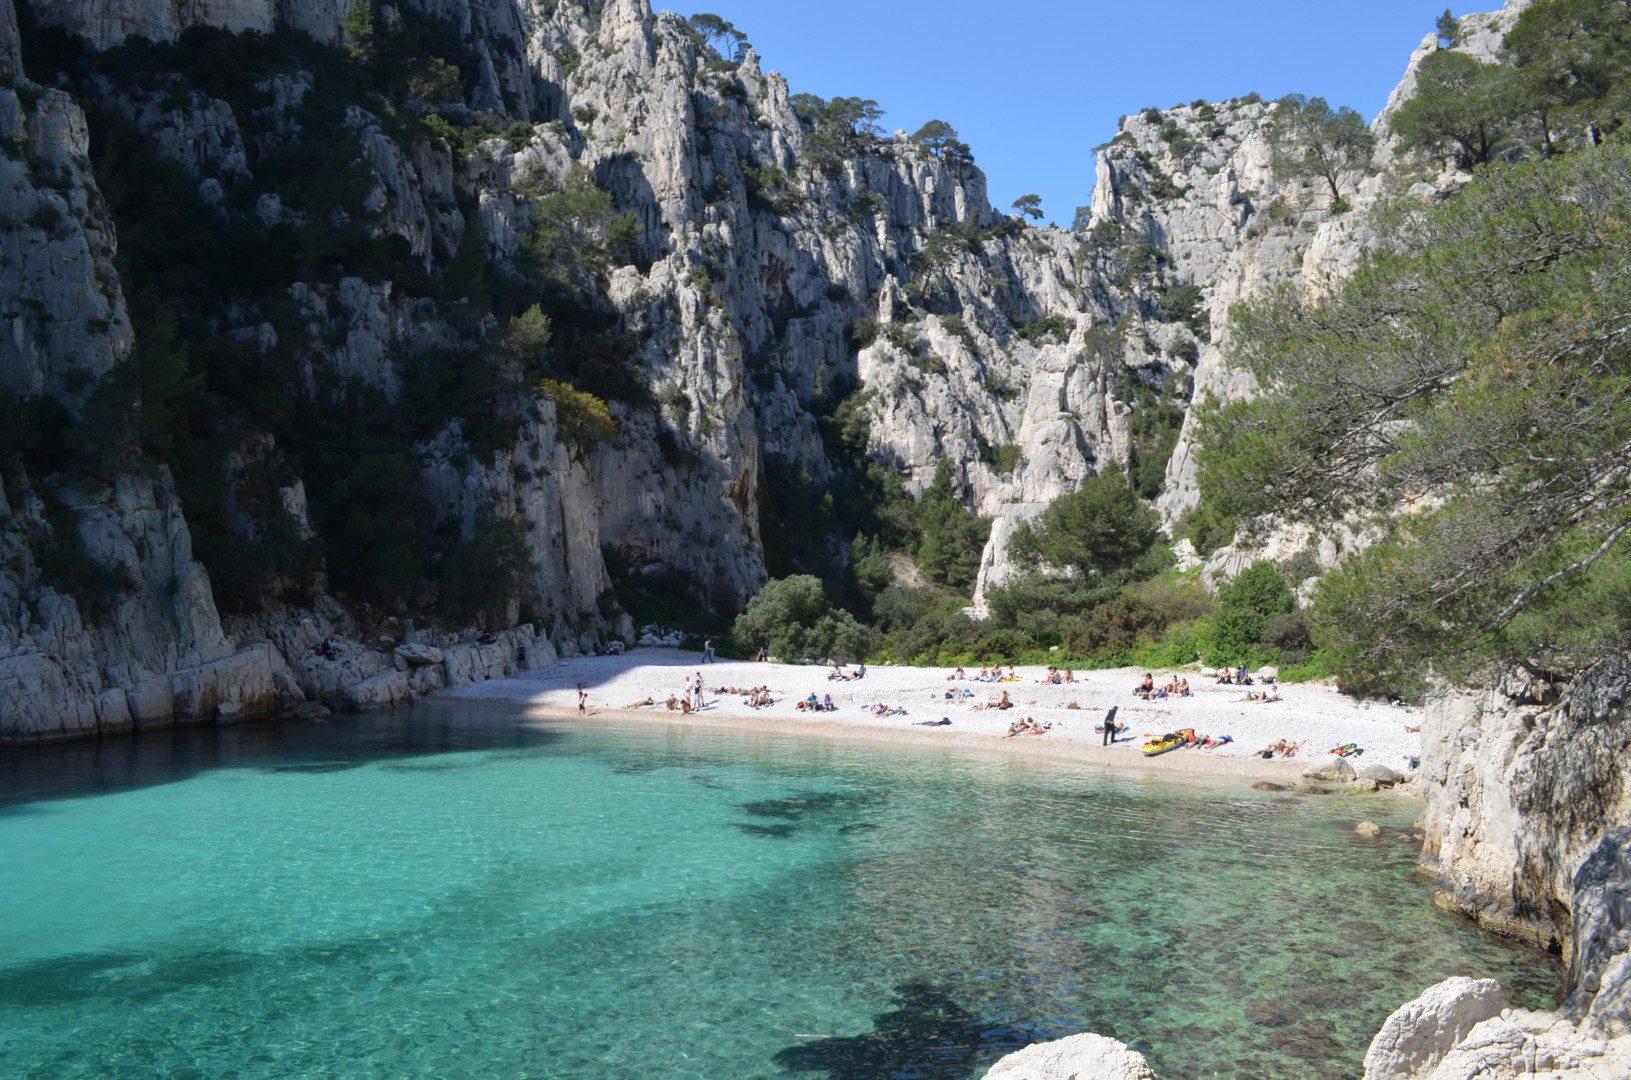 Calanque d'En-vau beach